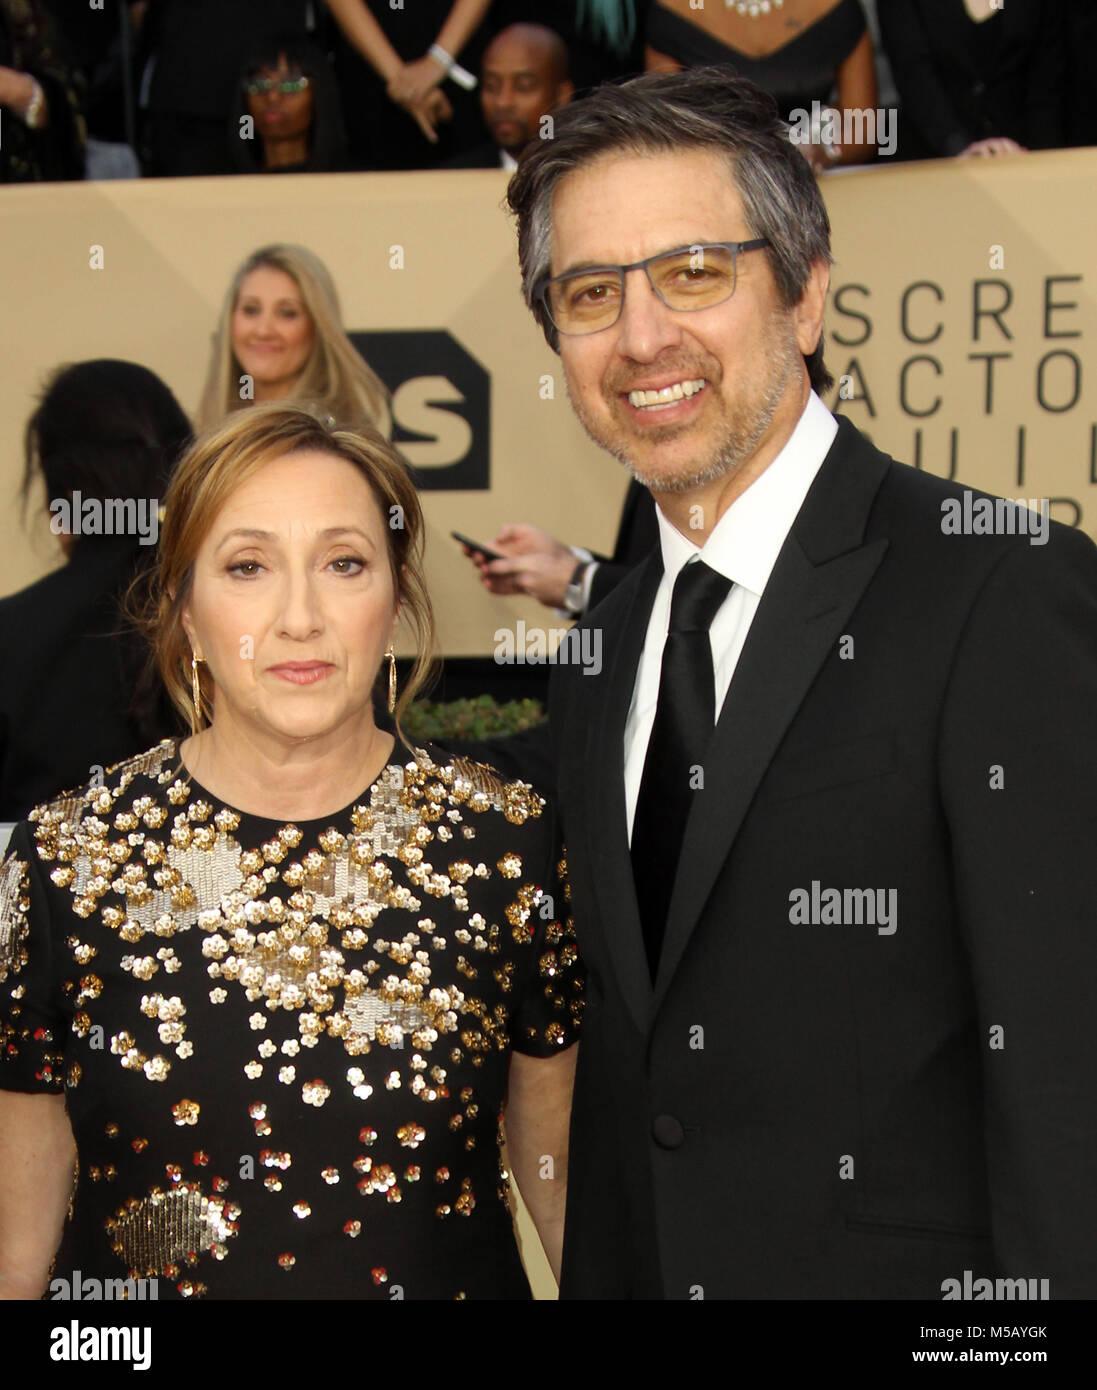 Anna Romano And Ray Romano Stock Photos Amp Anna Romano And